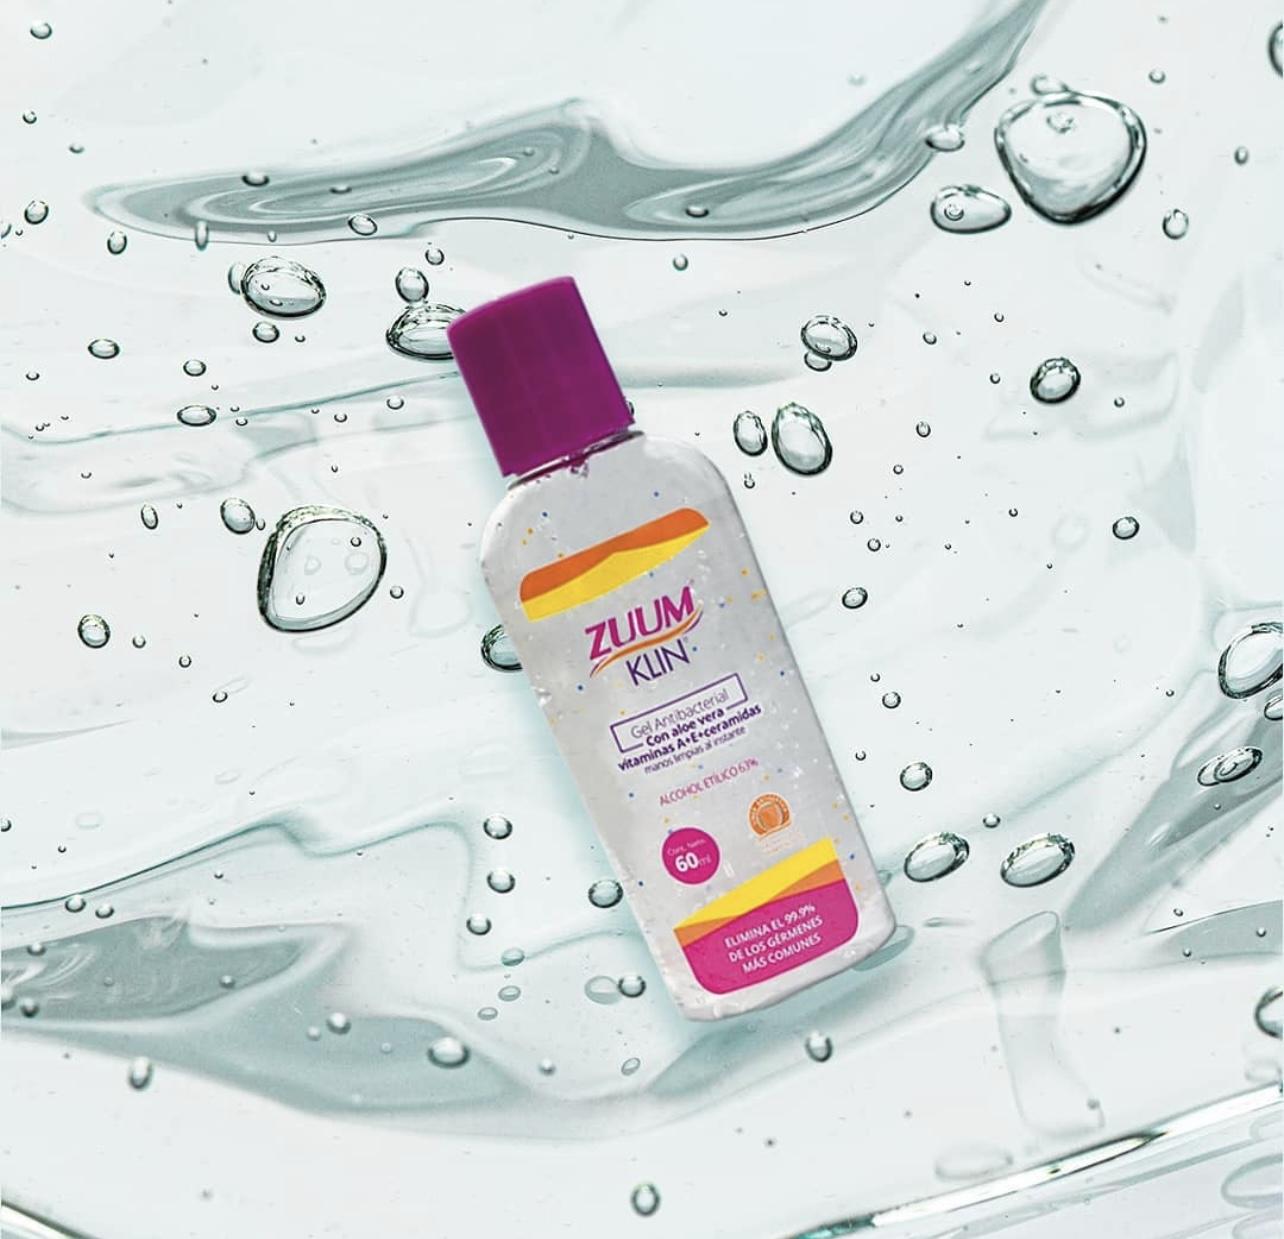 Desinfecta tus manos con Zuum, el gel antibacterial más puro